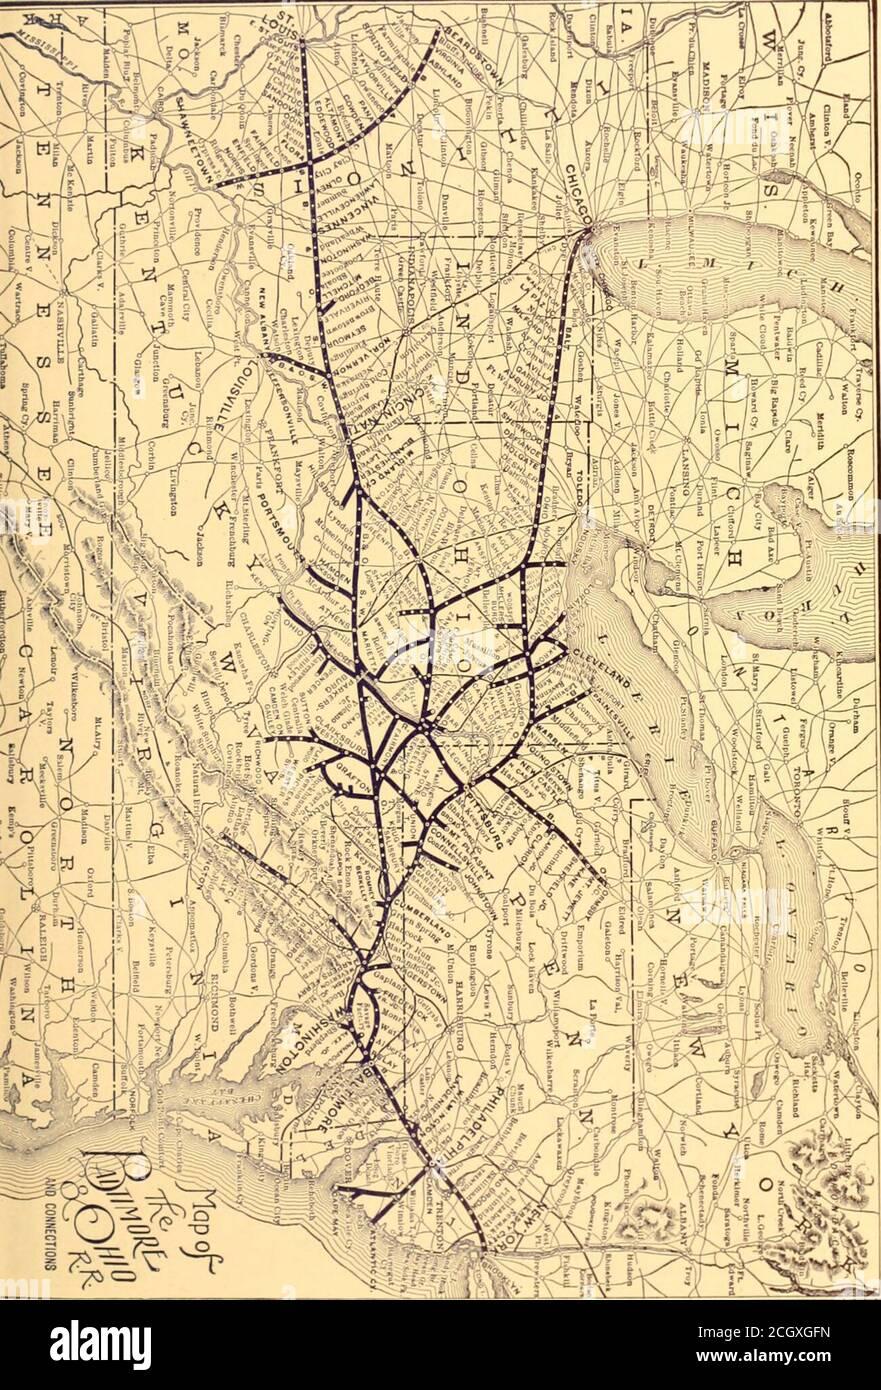 . El Libro del Azul Real . ing Xevv Haven no más tarde del 9 de junio. Excepto que el billete de depósito en forma incidental con Joint .Agent en New Haven no más tarde del 9 de junio. Ypago de $1.00, una extensión del límite de retorno puede ser obtenido dejando XewHaven hasta e incluyendo el 30 de junio. 1906. La parada en New Jesús estará permitida en el viaje de regreso. PORTLAND, ORO. Hotel Mens Mutual Benefit Association de Estados Unidos y Canadá, del 25 al 29 de junio. Las fechas de venta, etc., se anunciarán más tarde. MINNEAPOLIS, MINN, —G. A, R. Encampment, 13 a 18 de agosto. Tarifas muy bajas. Desde los puntos al este del río Ohio, las entradas Foto de stock